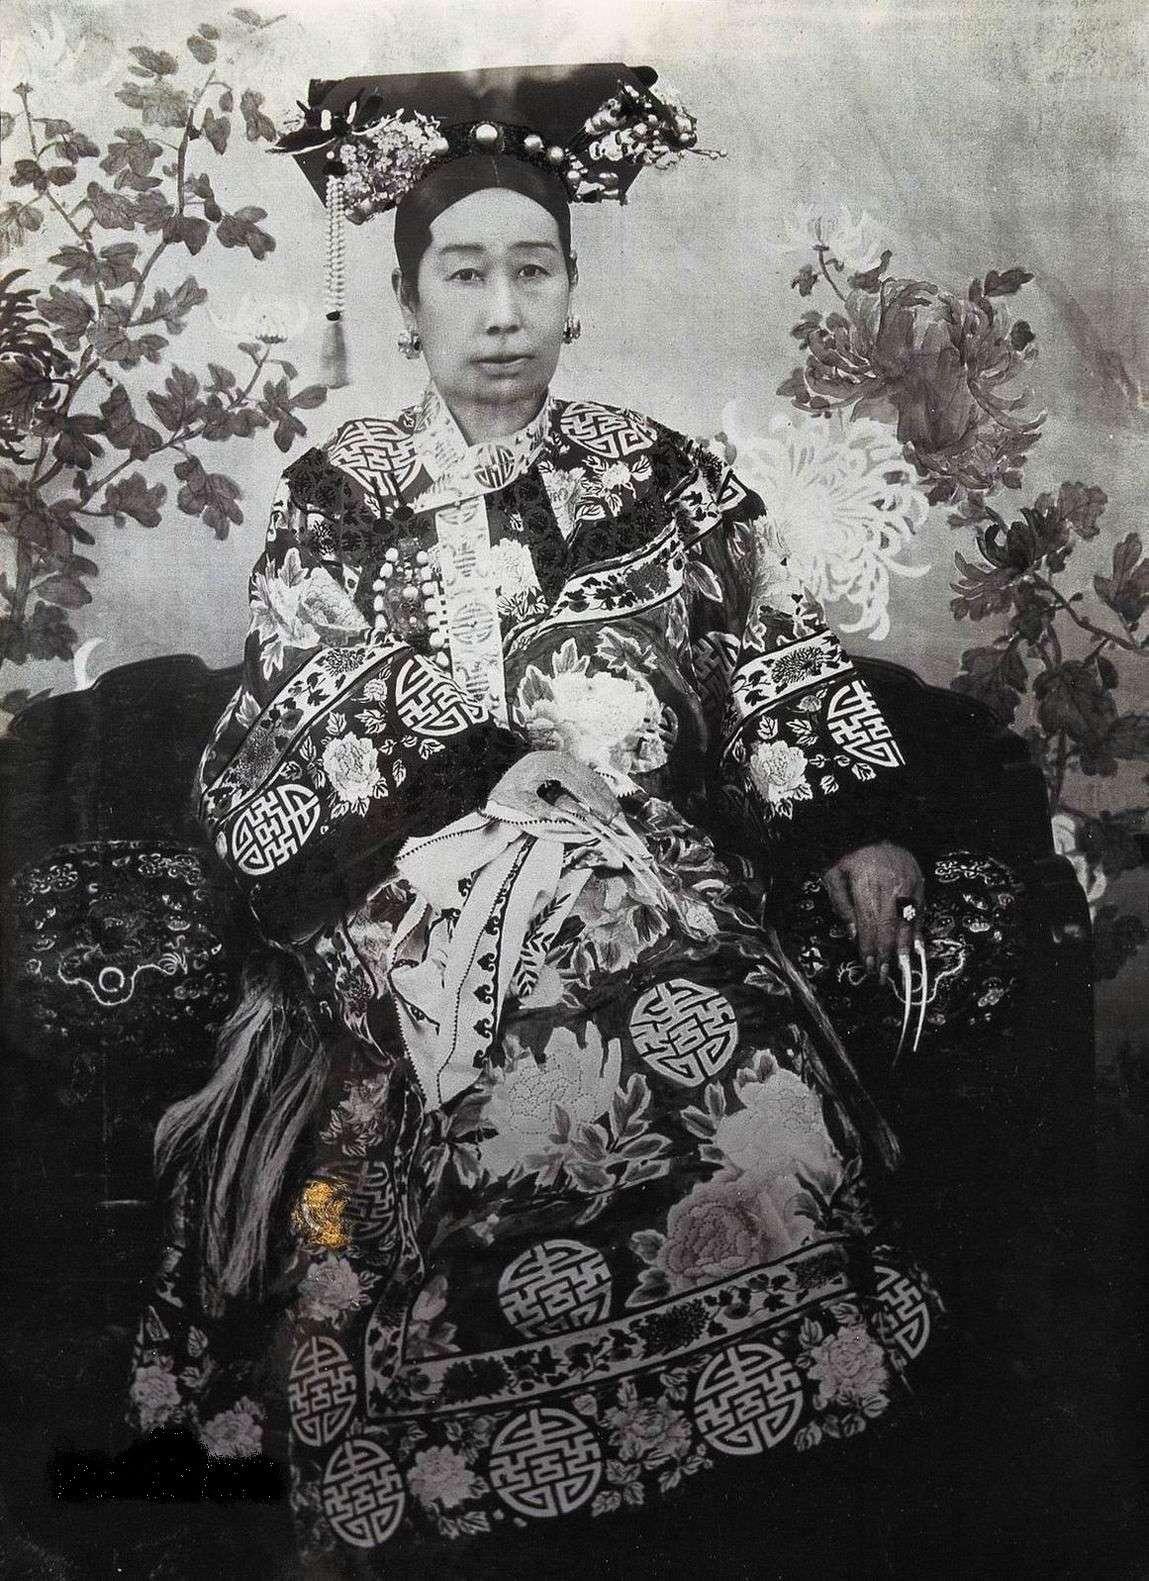 慈安太后年轻的照片_与慈禧四次冲突之后,慈安太后暴毙,真相是?